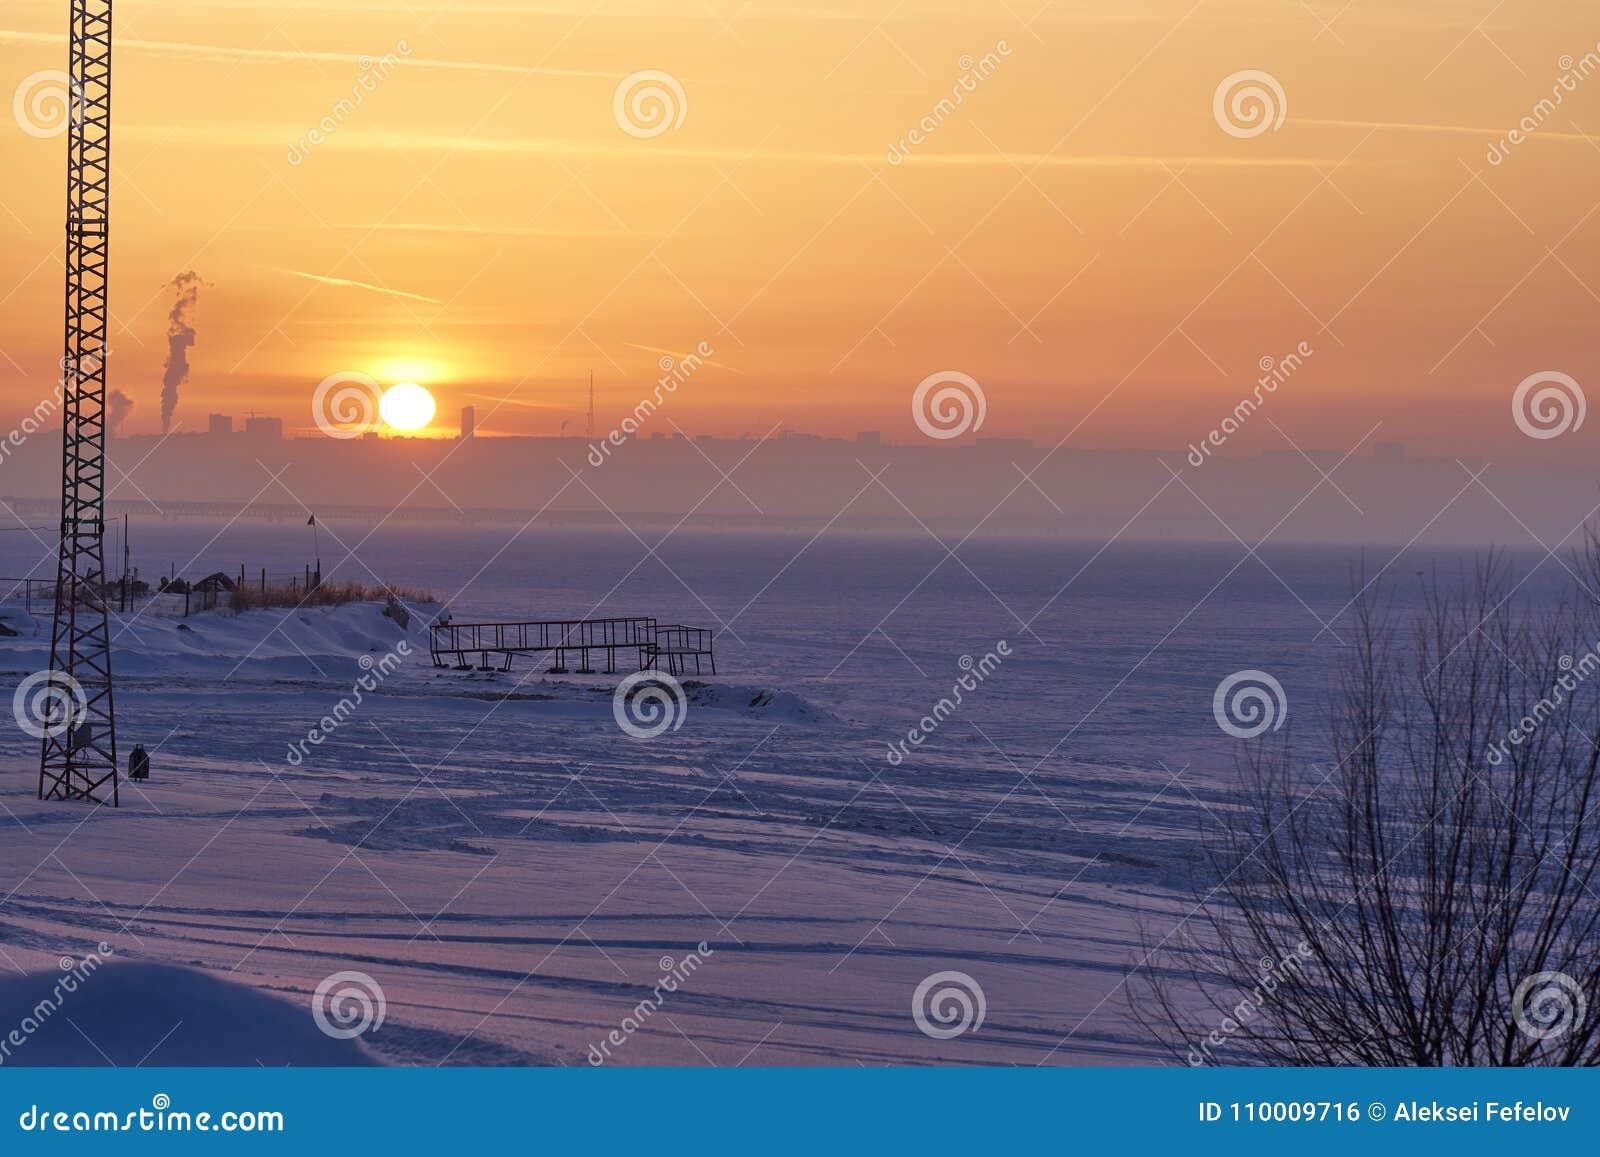 Um por do sol do inverno sobre um grande lago congelado No banco distante no embaçamento são as silhuetas visíveis das construçõe